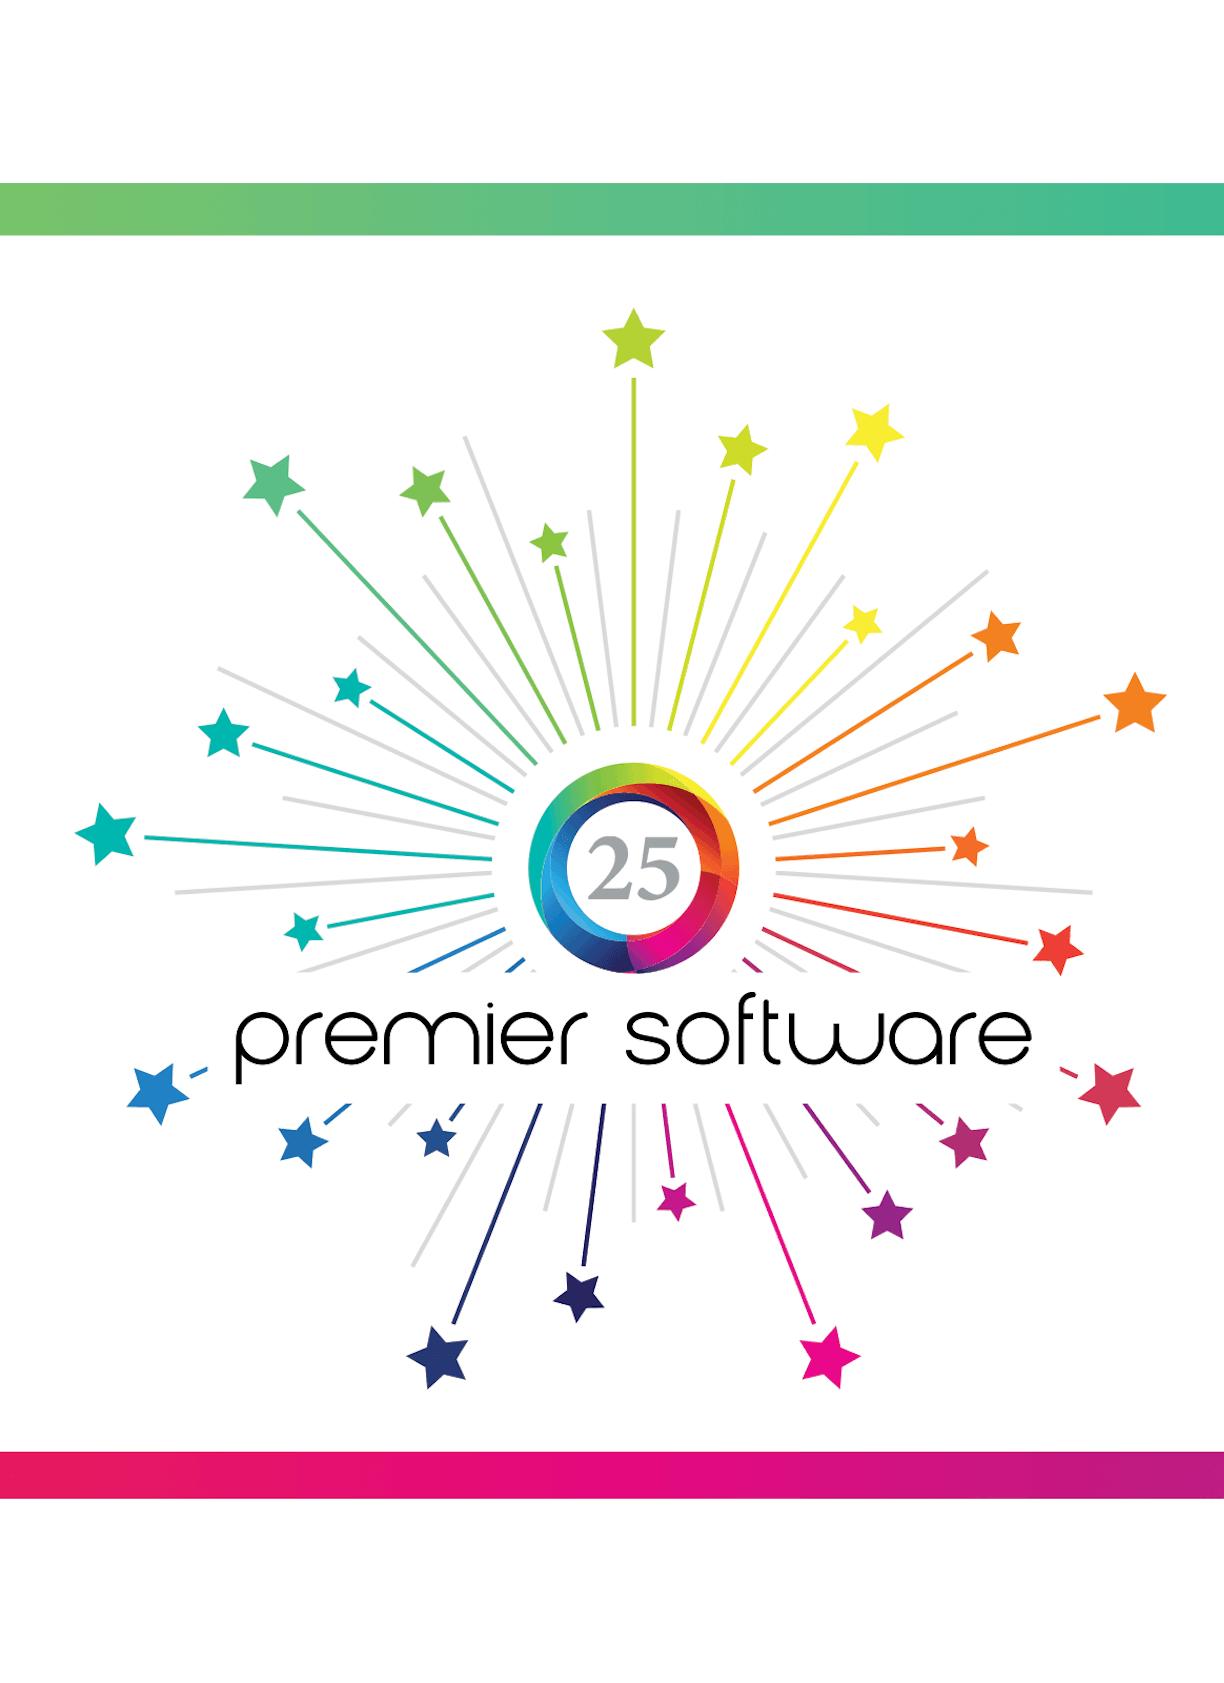 Premier Software | Salon Scheduling | Spa, Wellness & Leisure Software